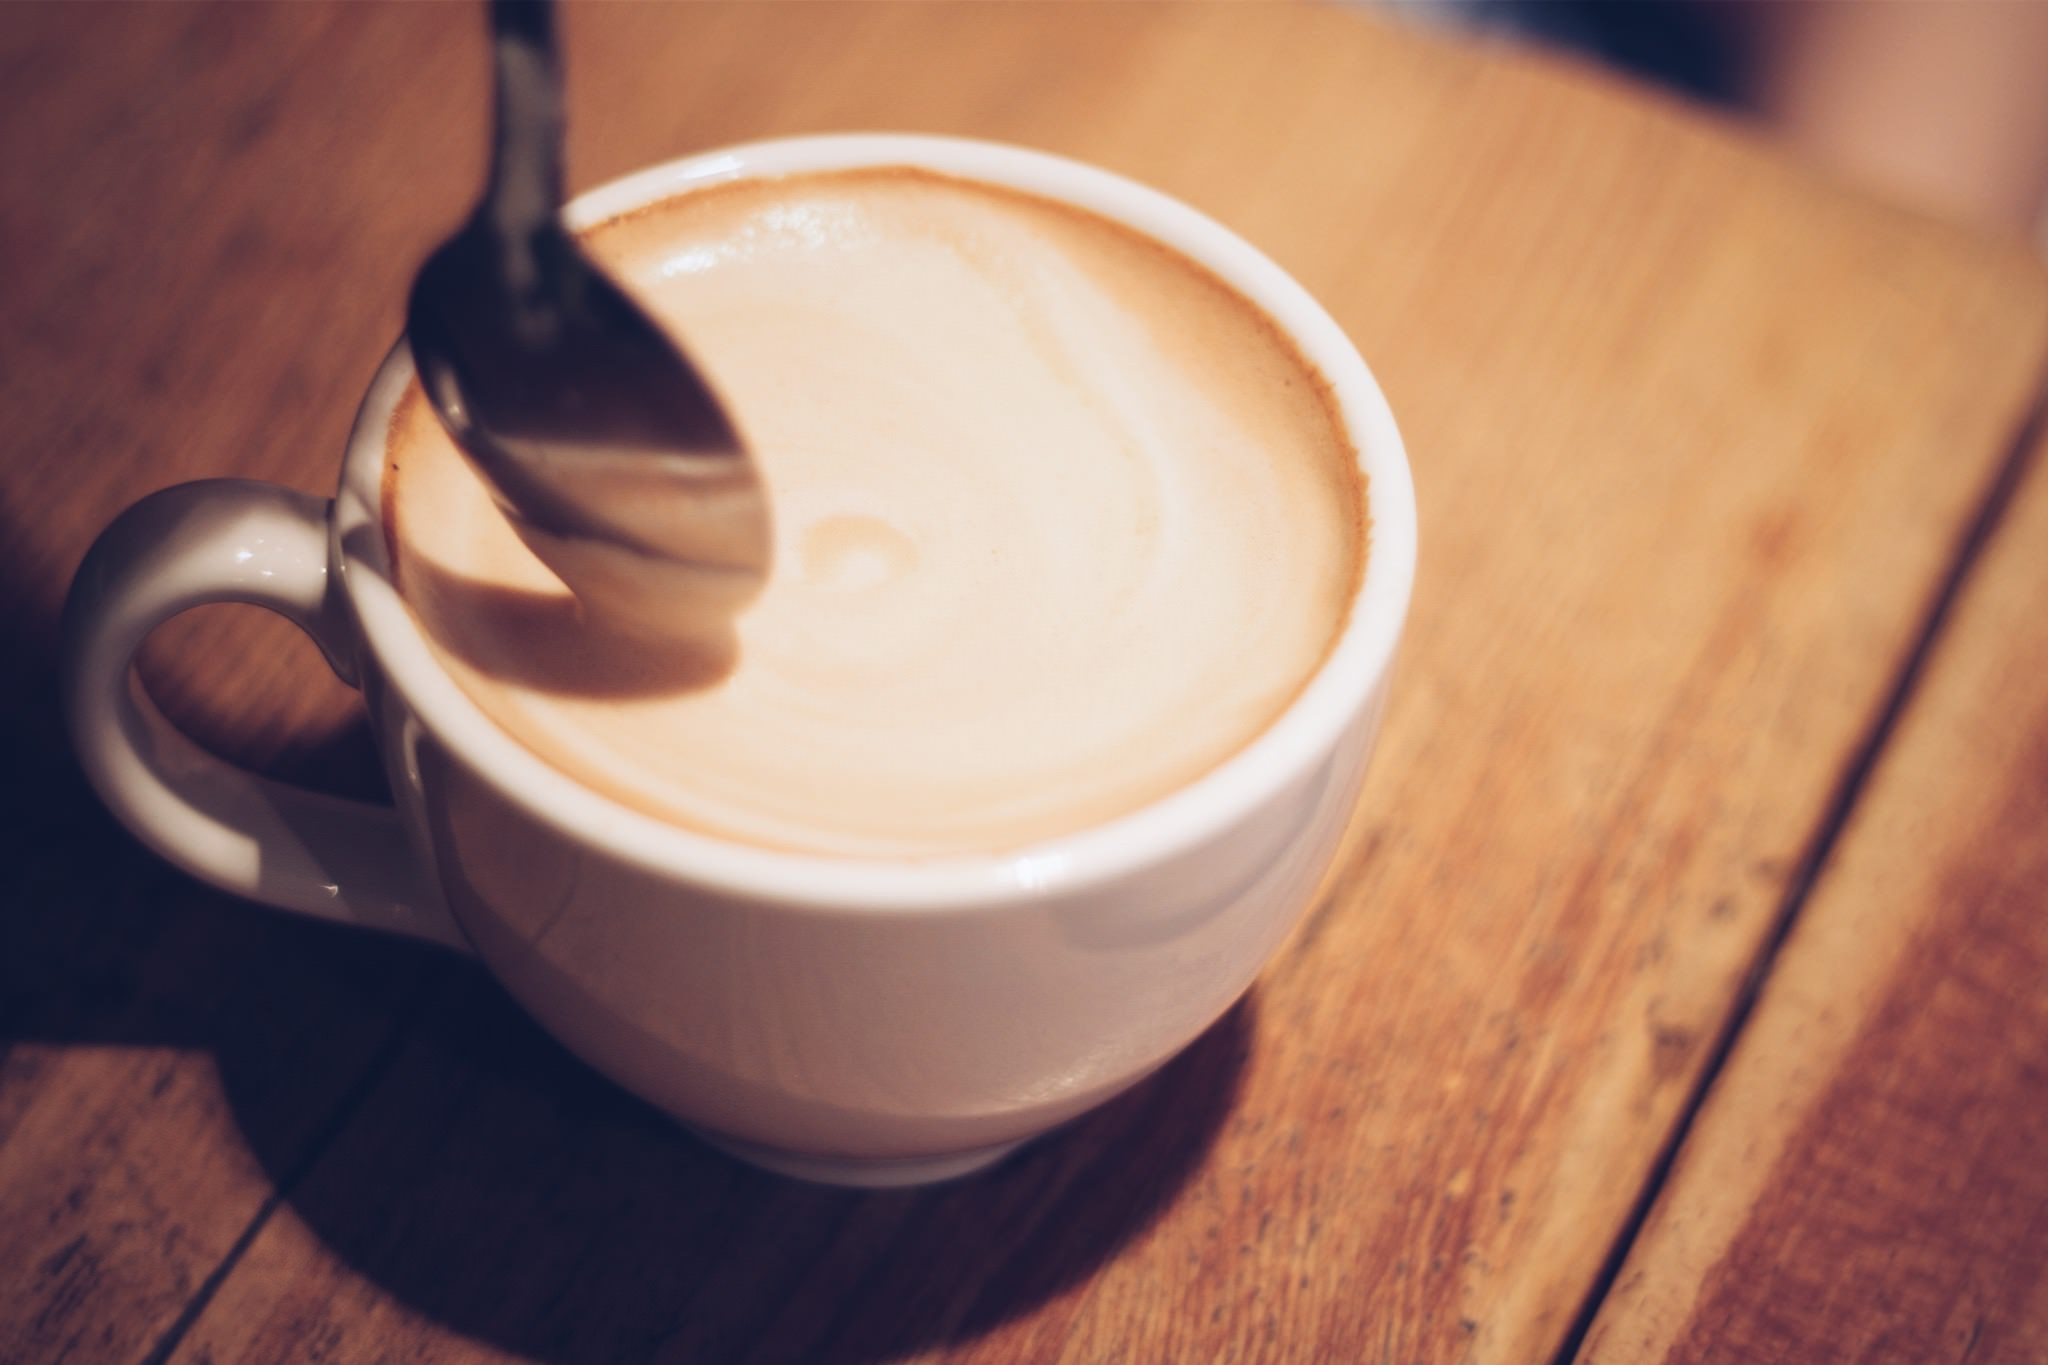 木製のテーブルの上の白いマグカップに入ったコーヒーミルクの写真